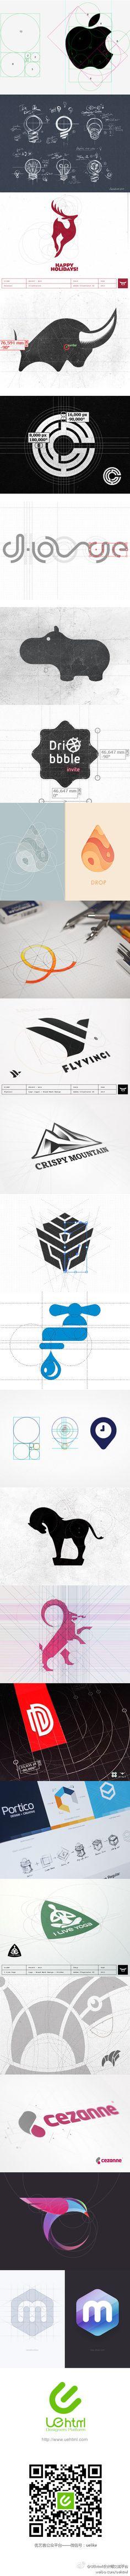 logos (399×7900)